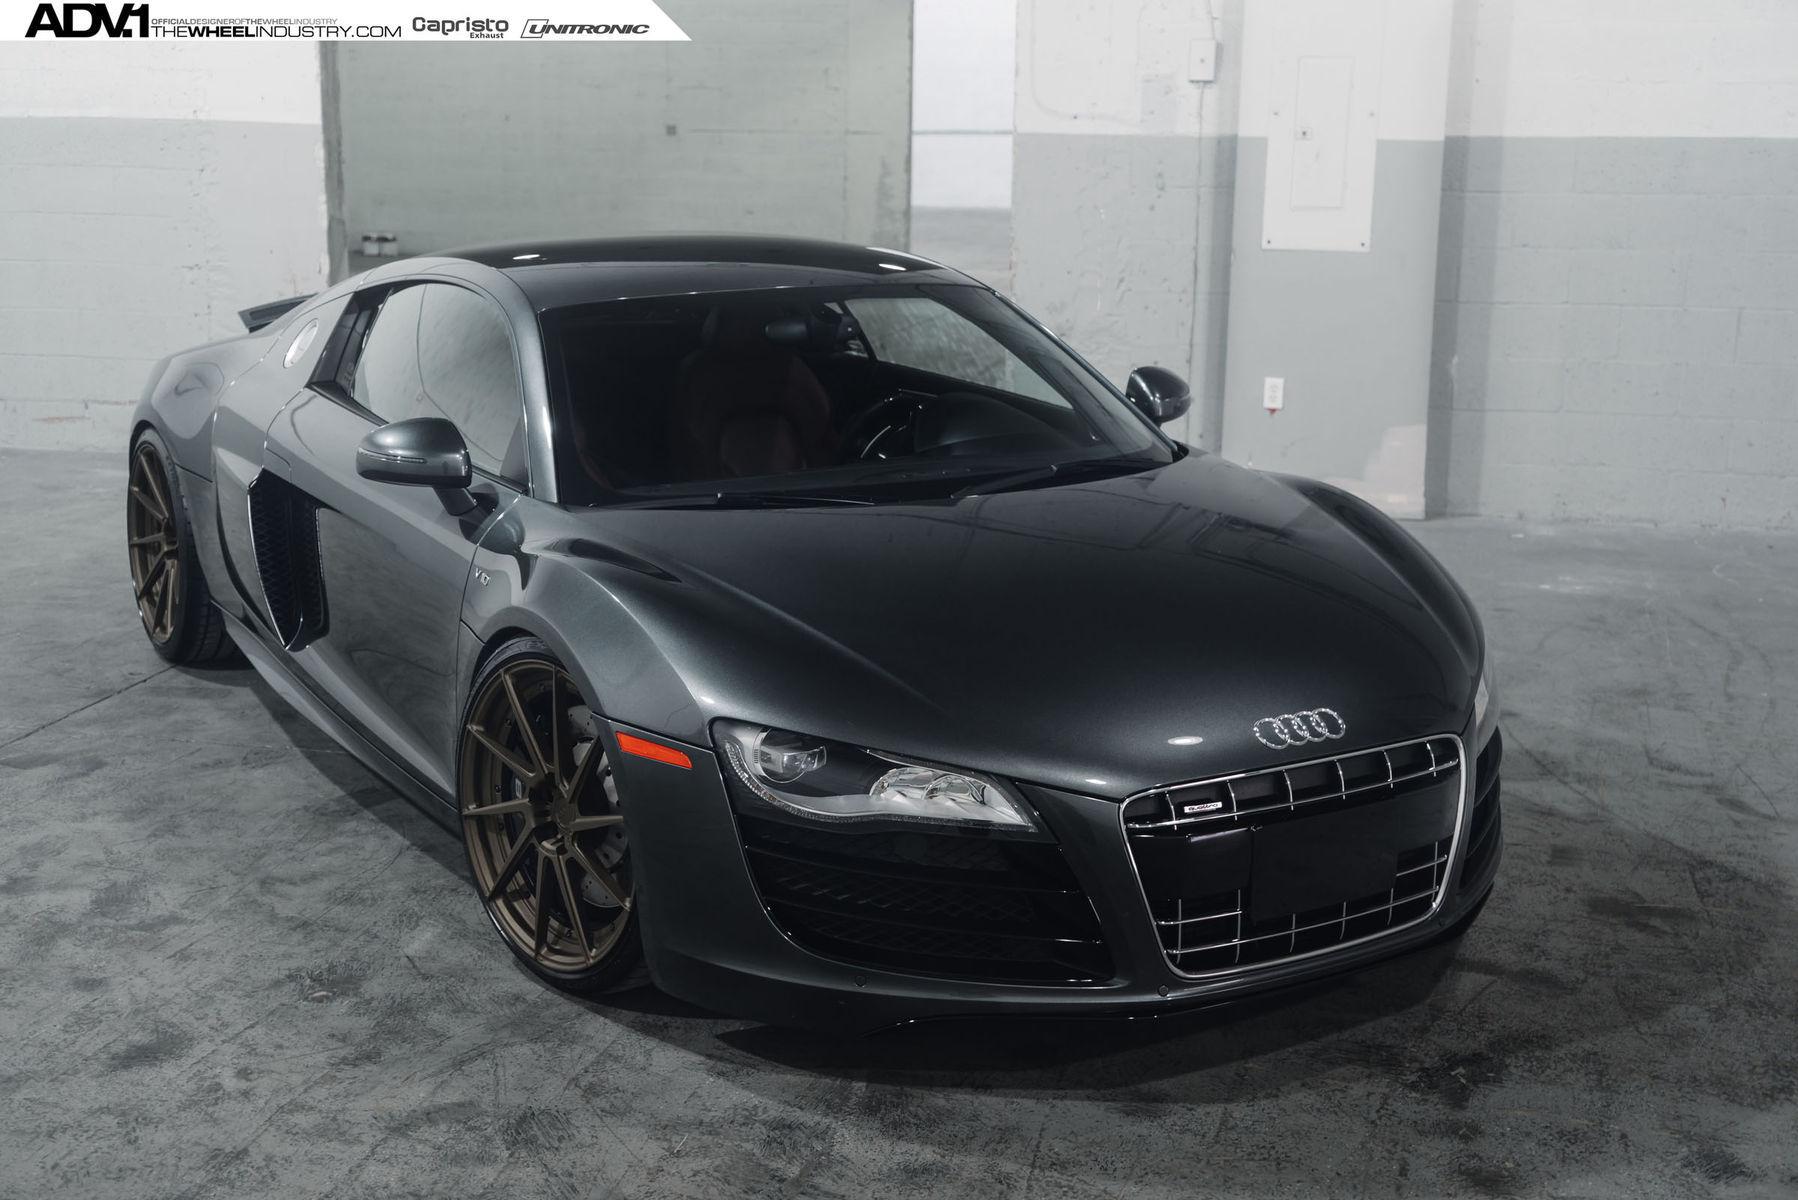 Audi R8 | ADV1 Audi R8 V10